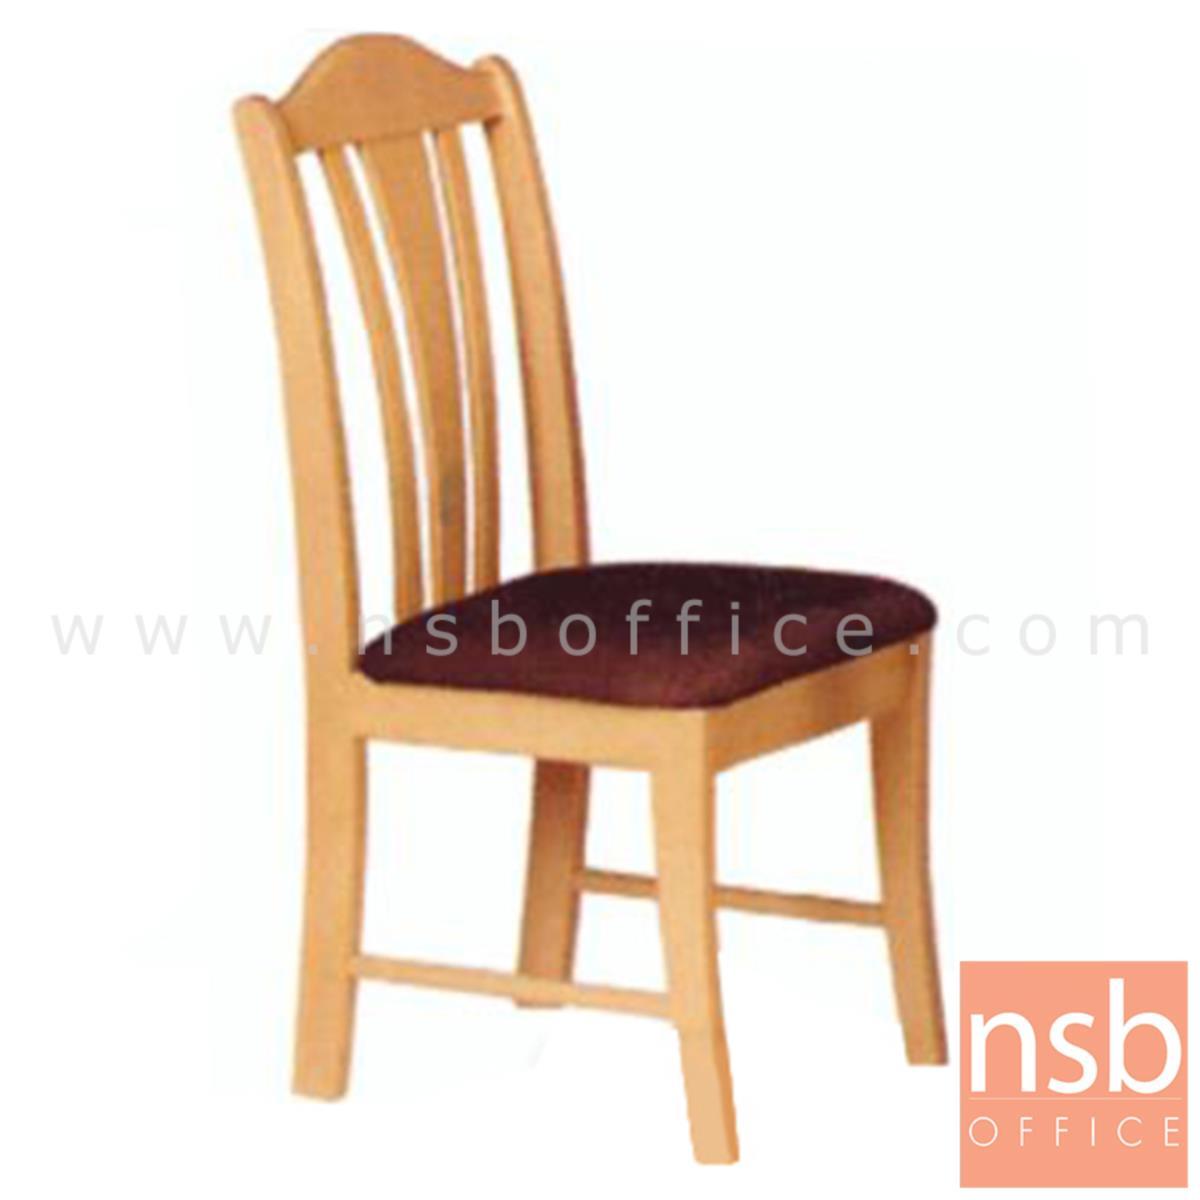 G14A041:เก้าอี้ไม้ยางพาราที่นั่งหุ้มหนังเทียม รุ่น Morris (มอร์ริส) ขาไม้